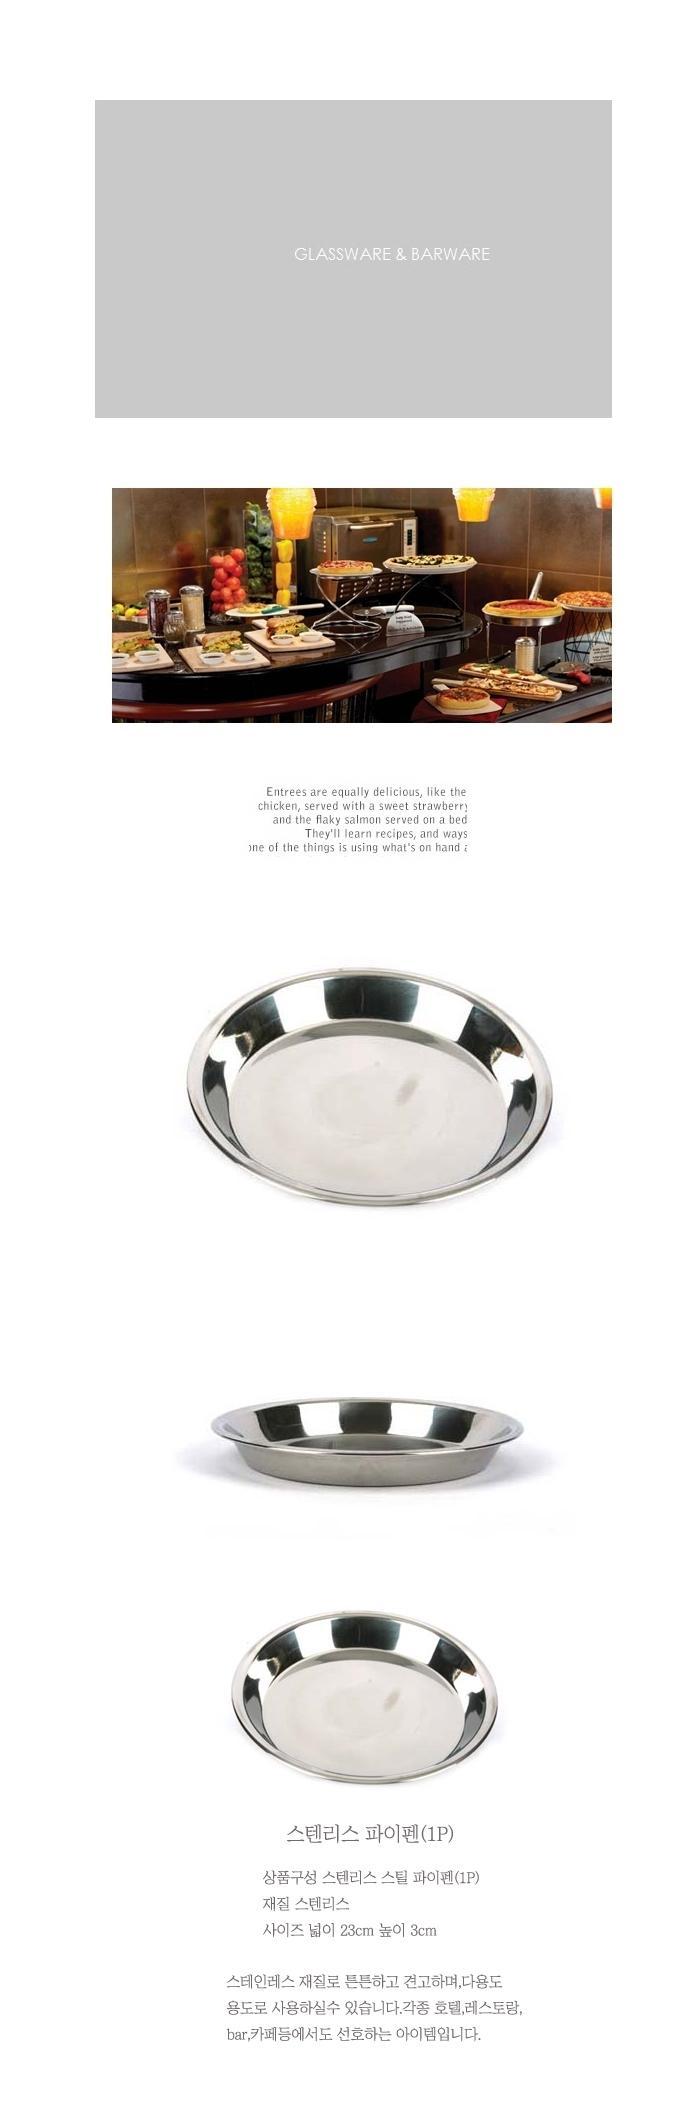 쿠킹 스텐레스 스틸 파이팬 1P 쿠킹팬 팬 파이츄라이  쿠킹팬 팬 파이츄라이 다용도식기 쿠킹용품